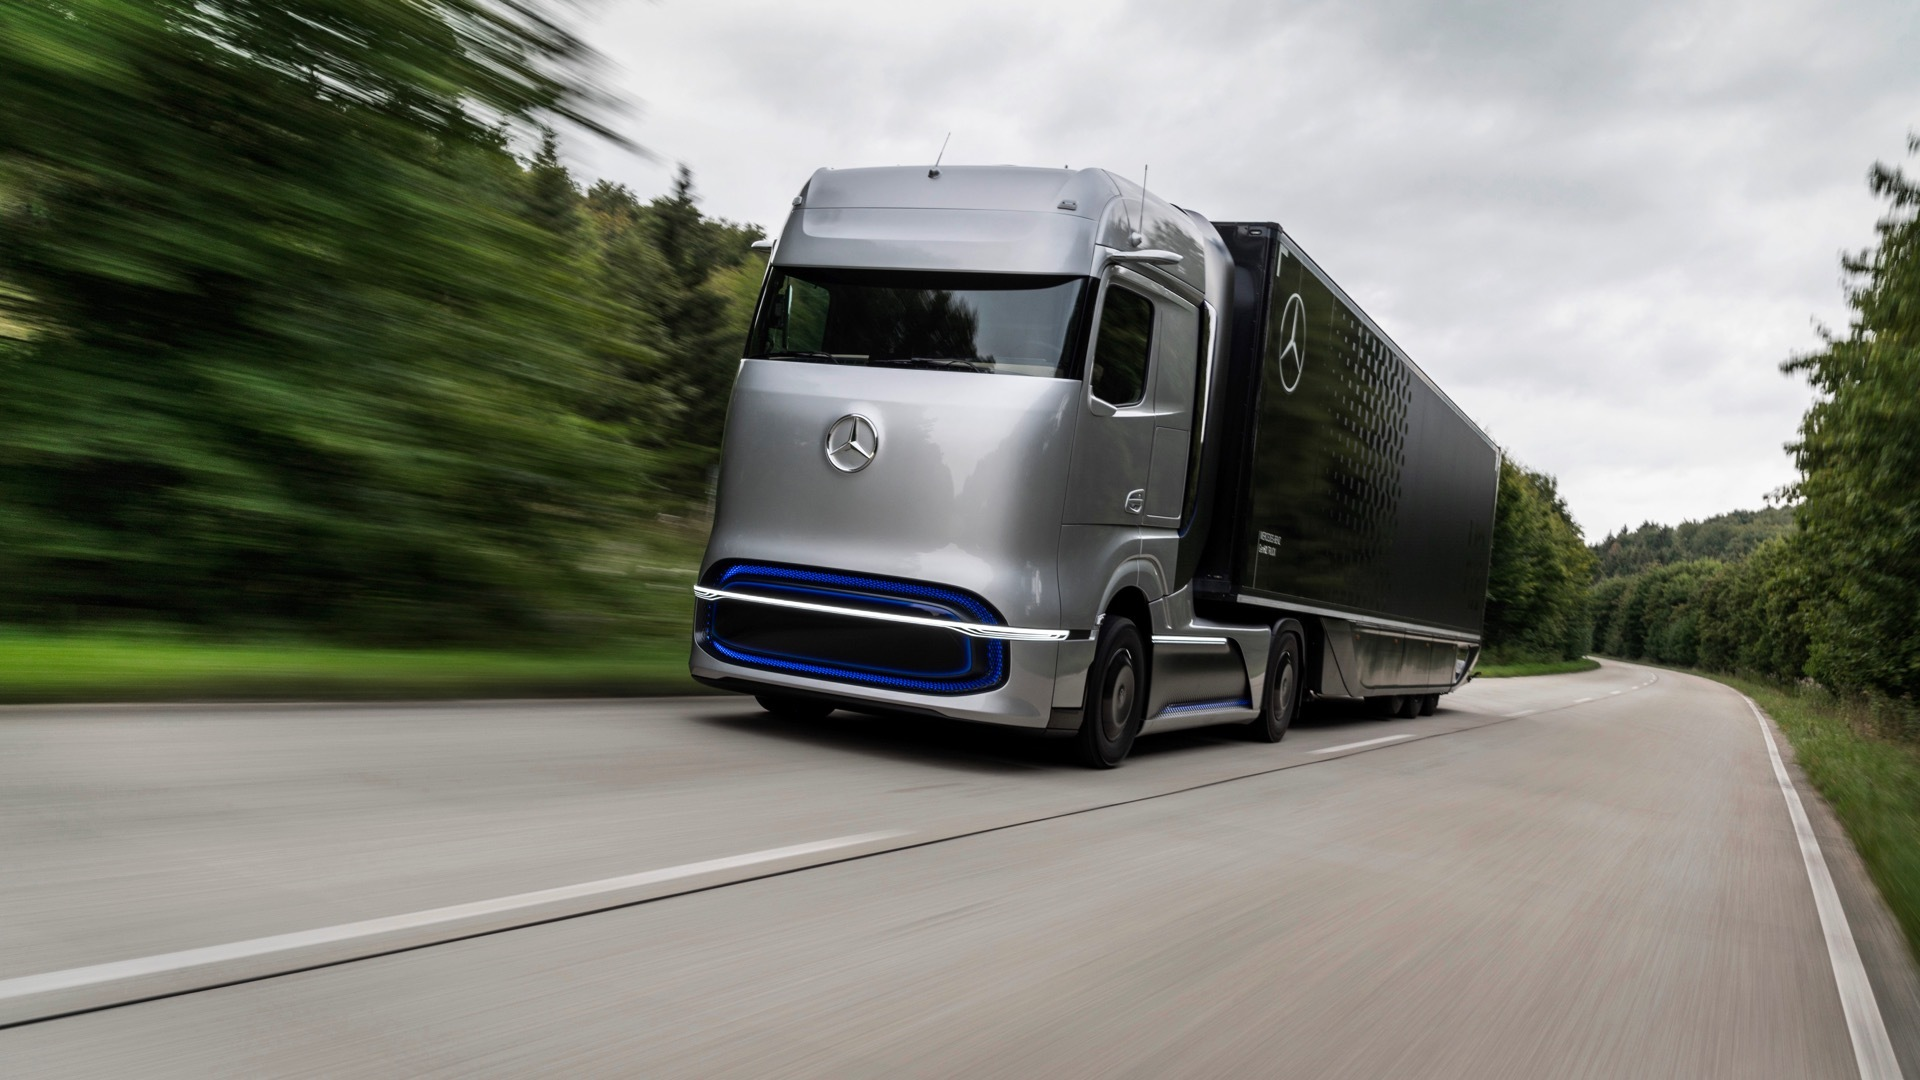 Avec H2Accelerate, les constructeurs s'engagent pour accélérer le développement des camions à hydrogène